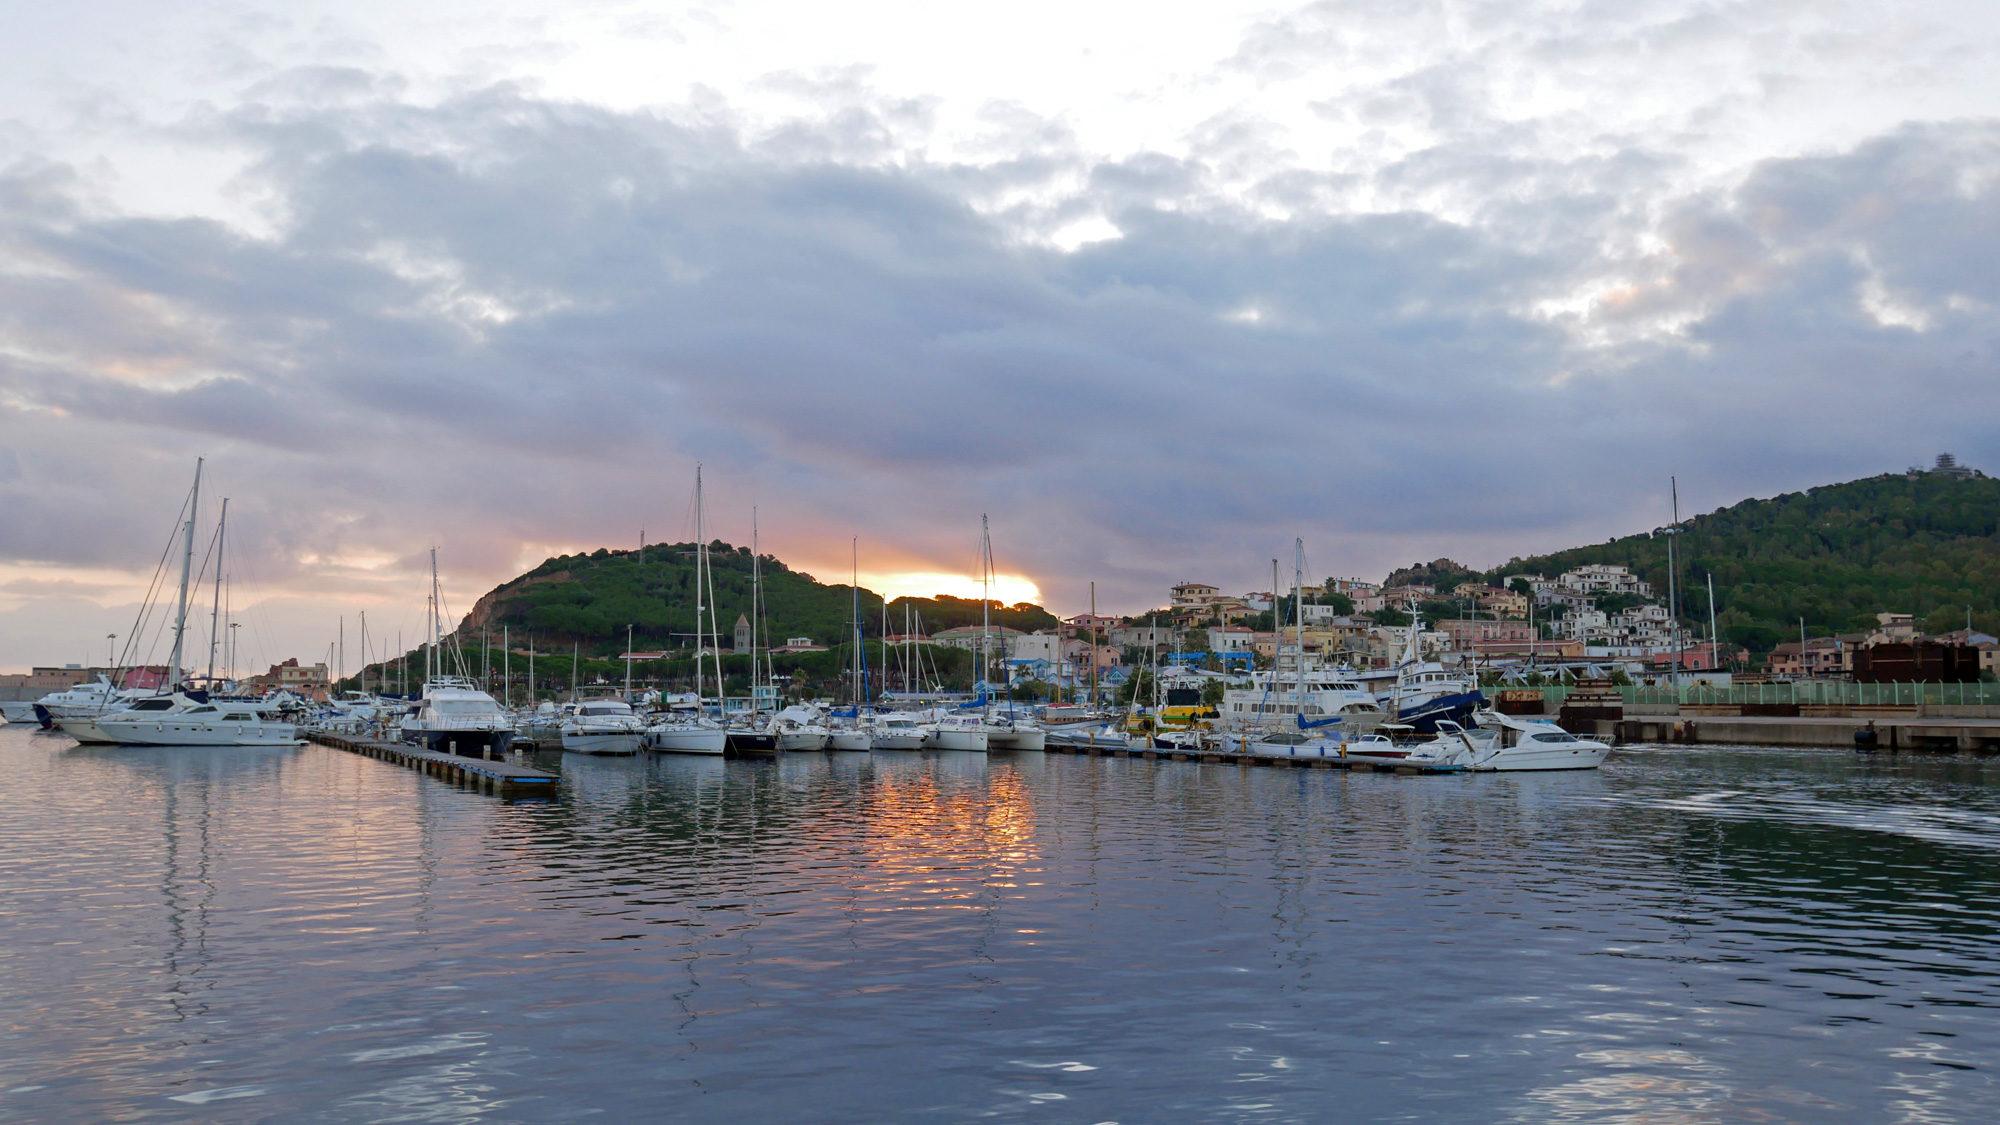 Sonnenaufgang über dem Hafen von Arbatax